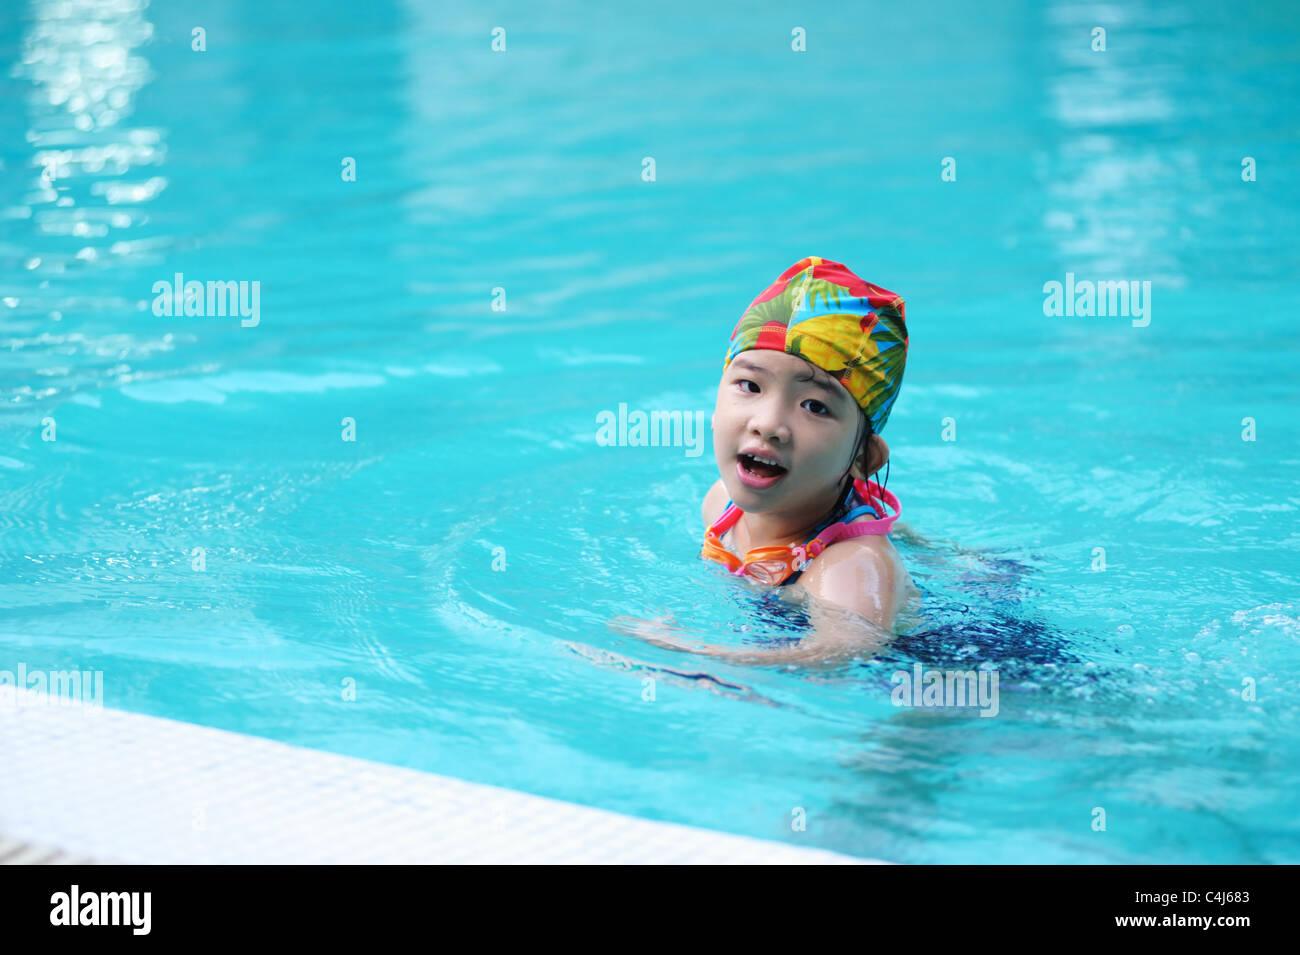 Asian Child Bathing Stock Photos & Asian Child Bathing Stock Images ...